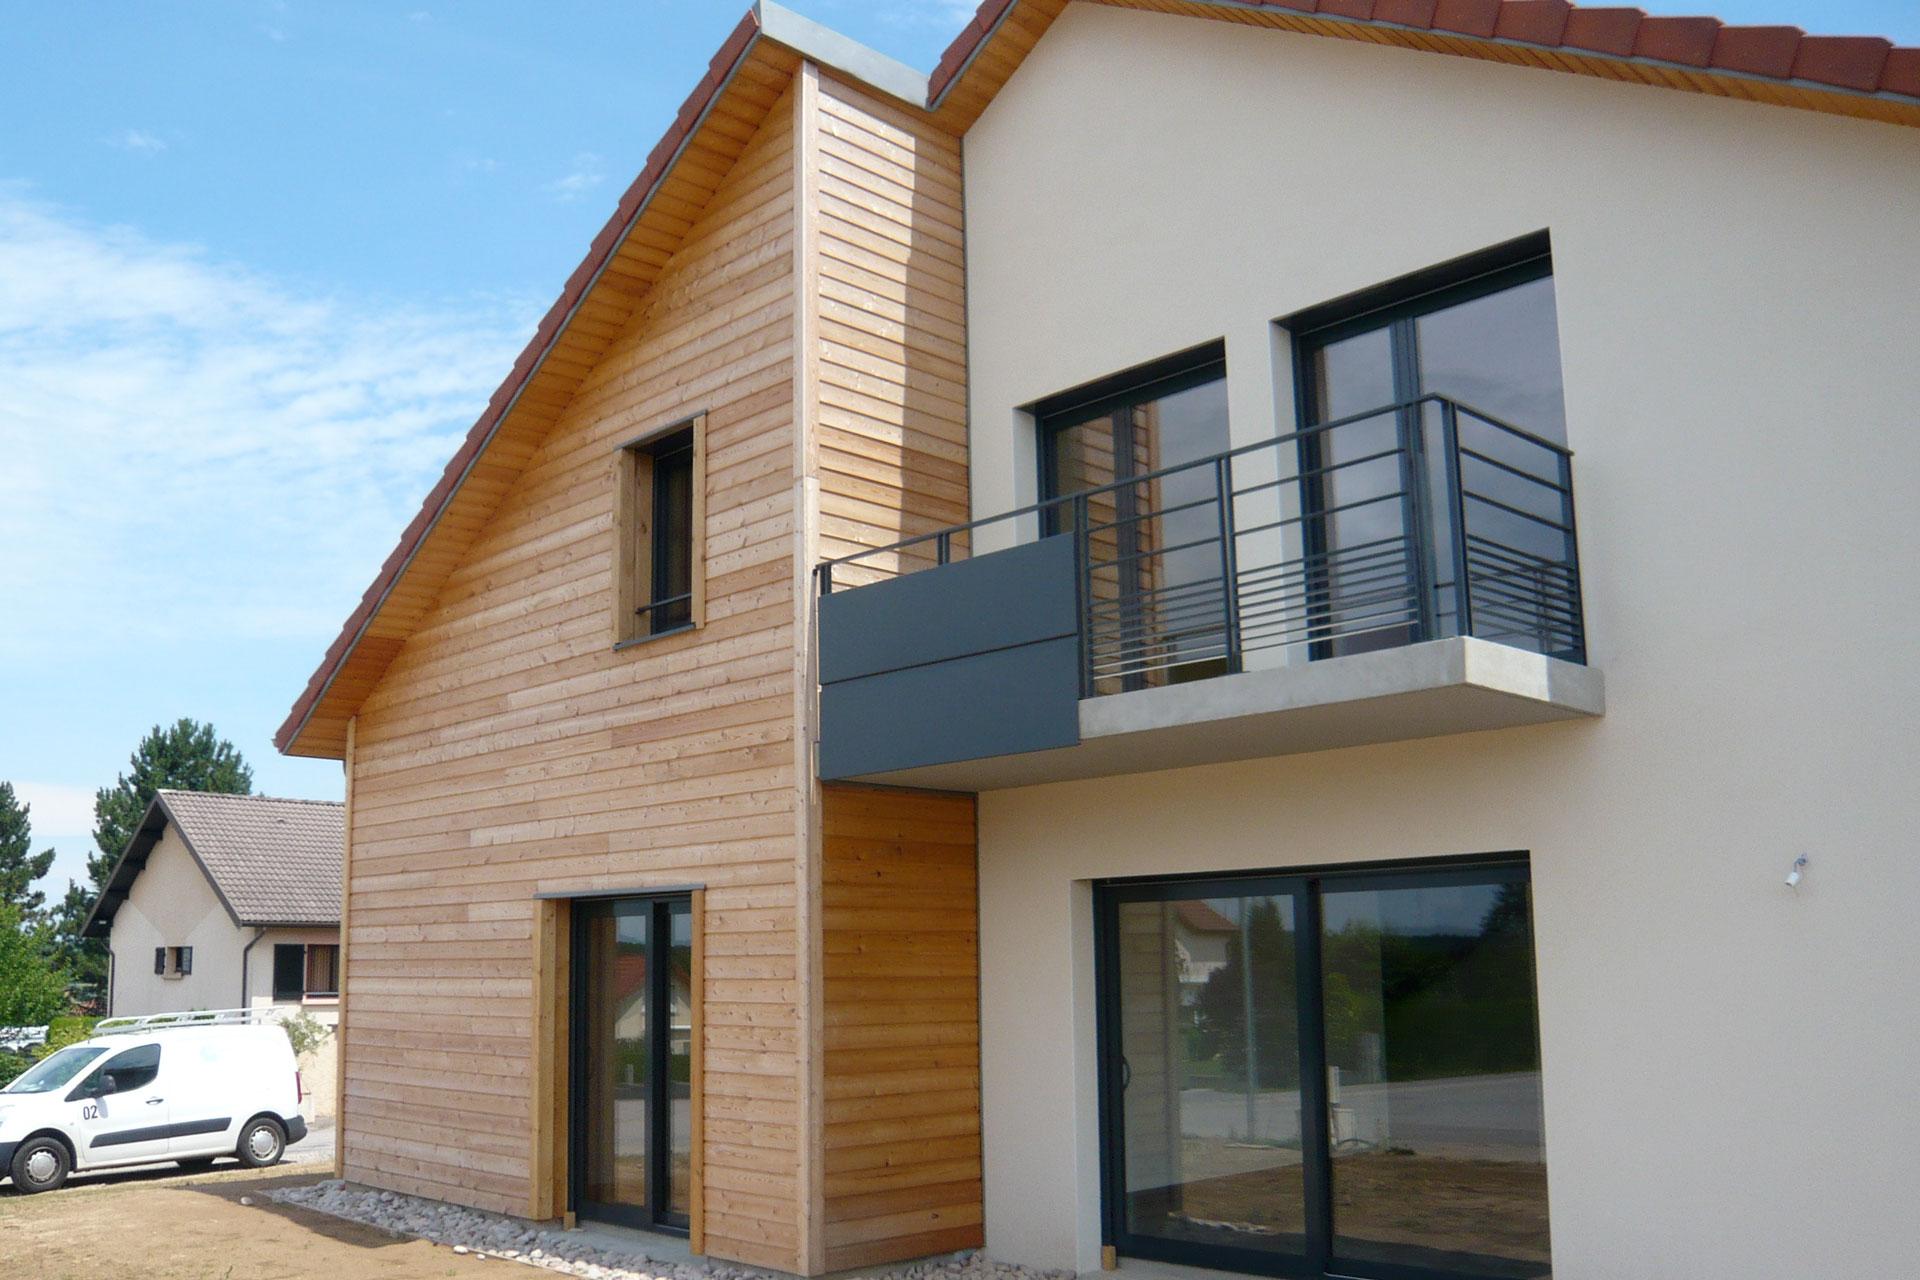 Maison contemporaine 09 10 for Maison moderne nancy